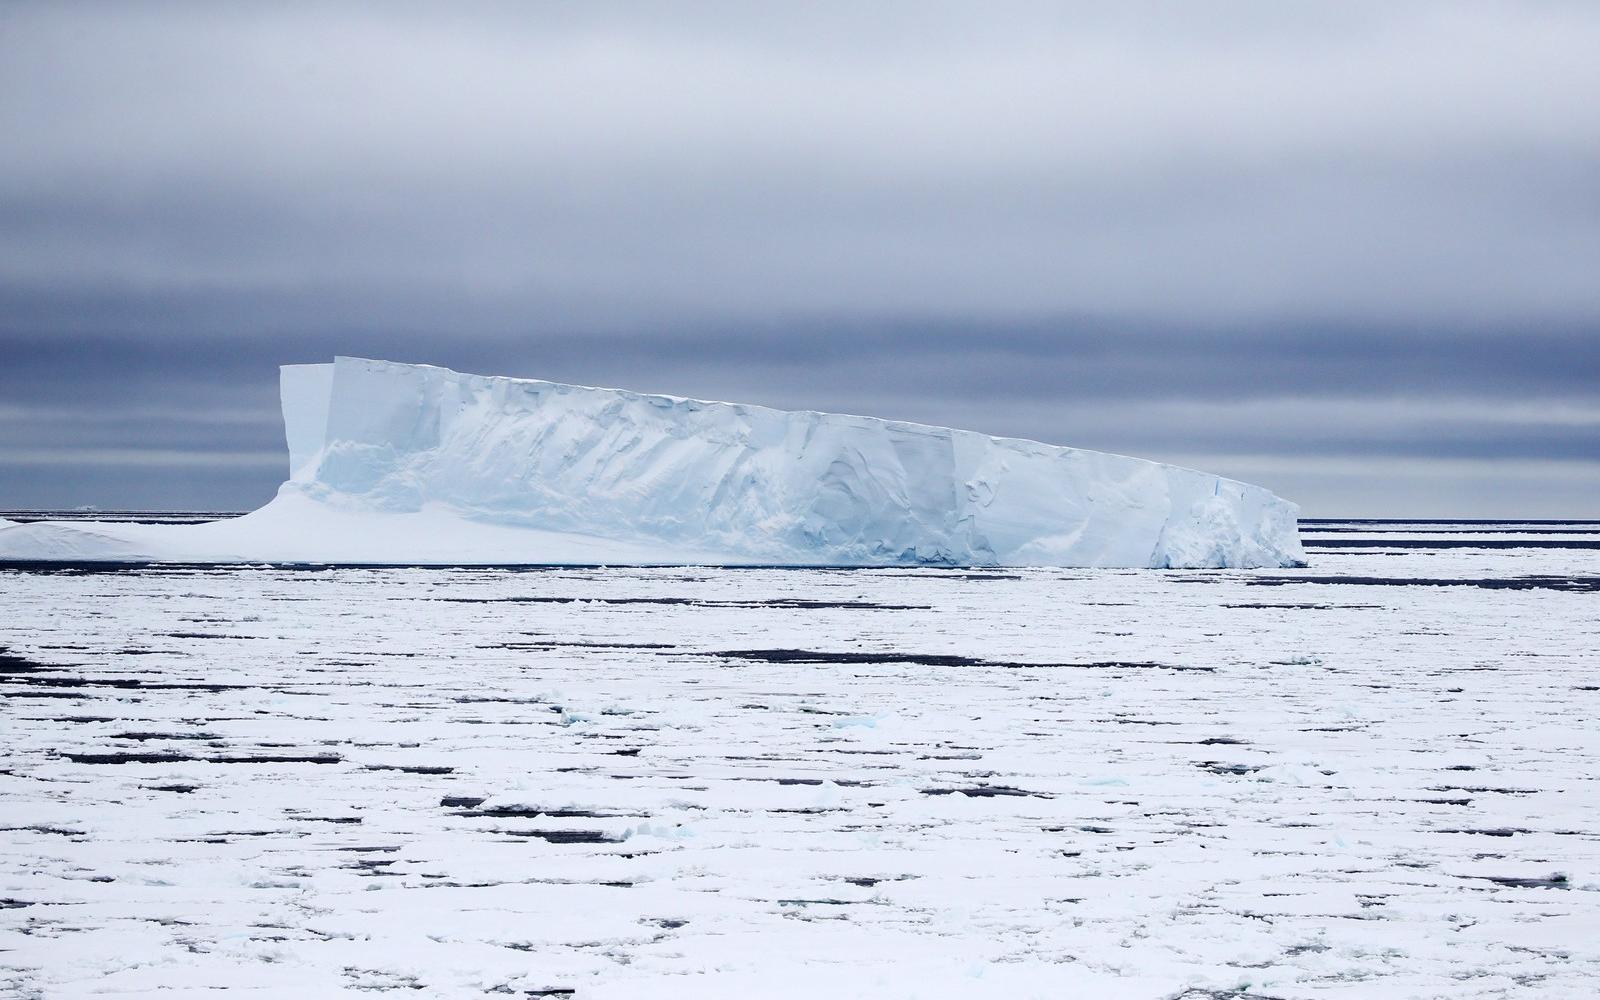 látásra egy darab jég